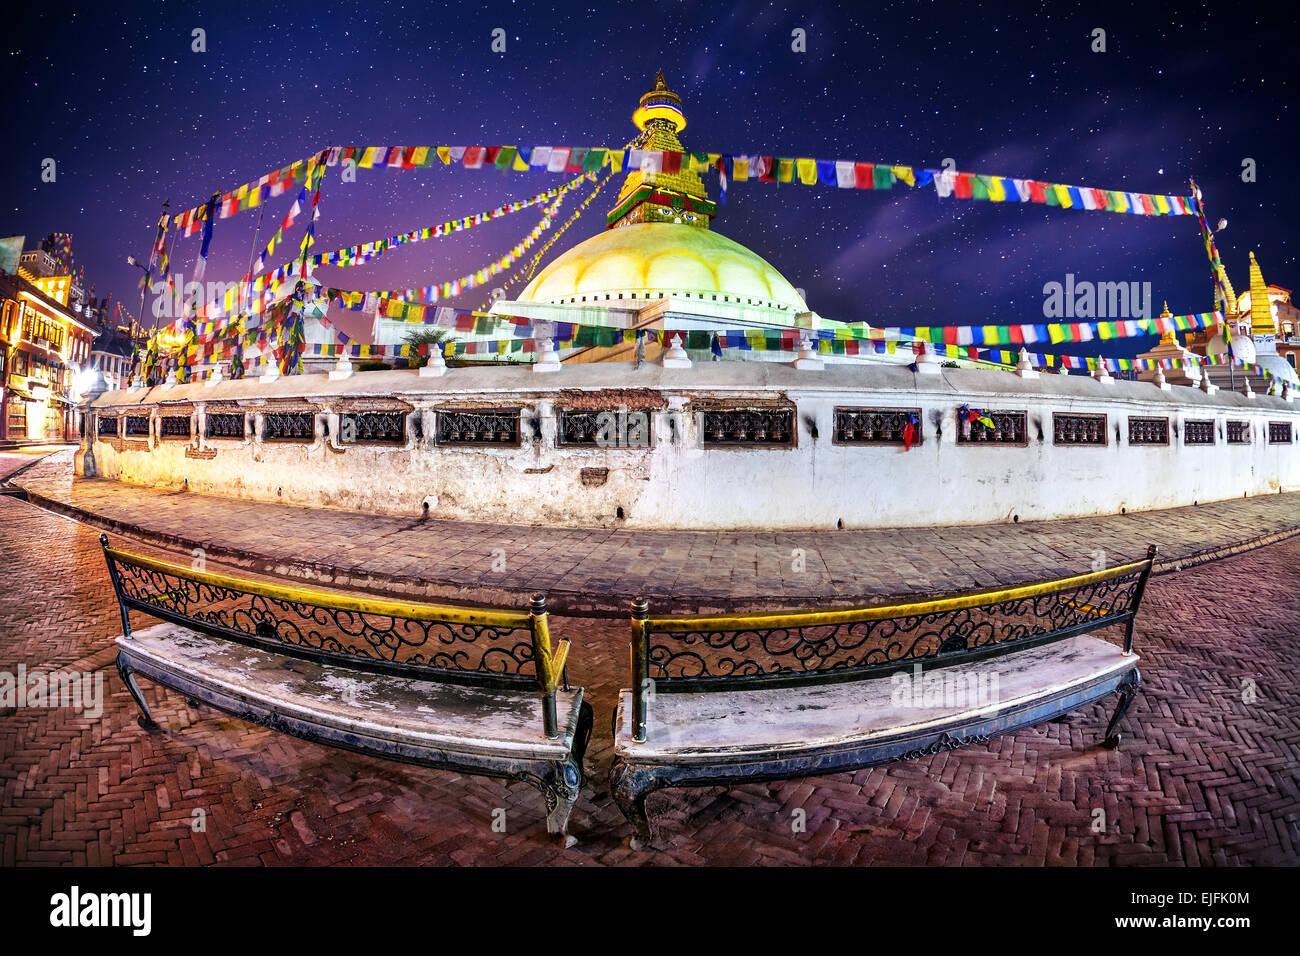 Bodhnath stupa al cielo notturno con stelle nella valle di Kathmandu, Nepal Immagini Stock